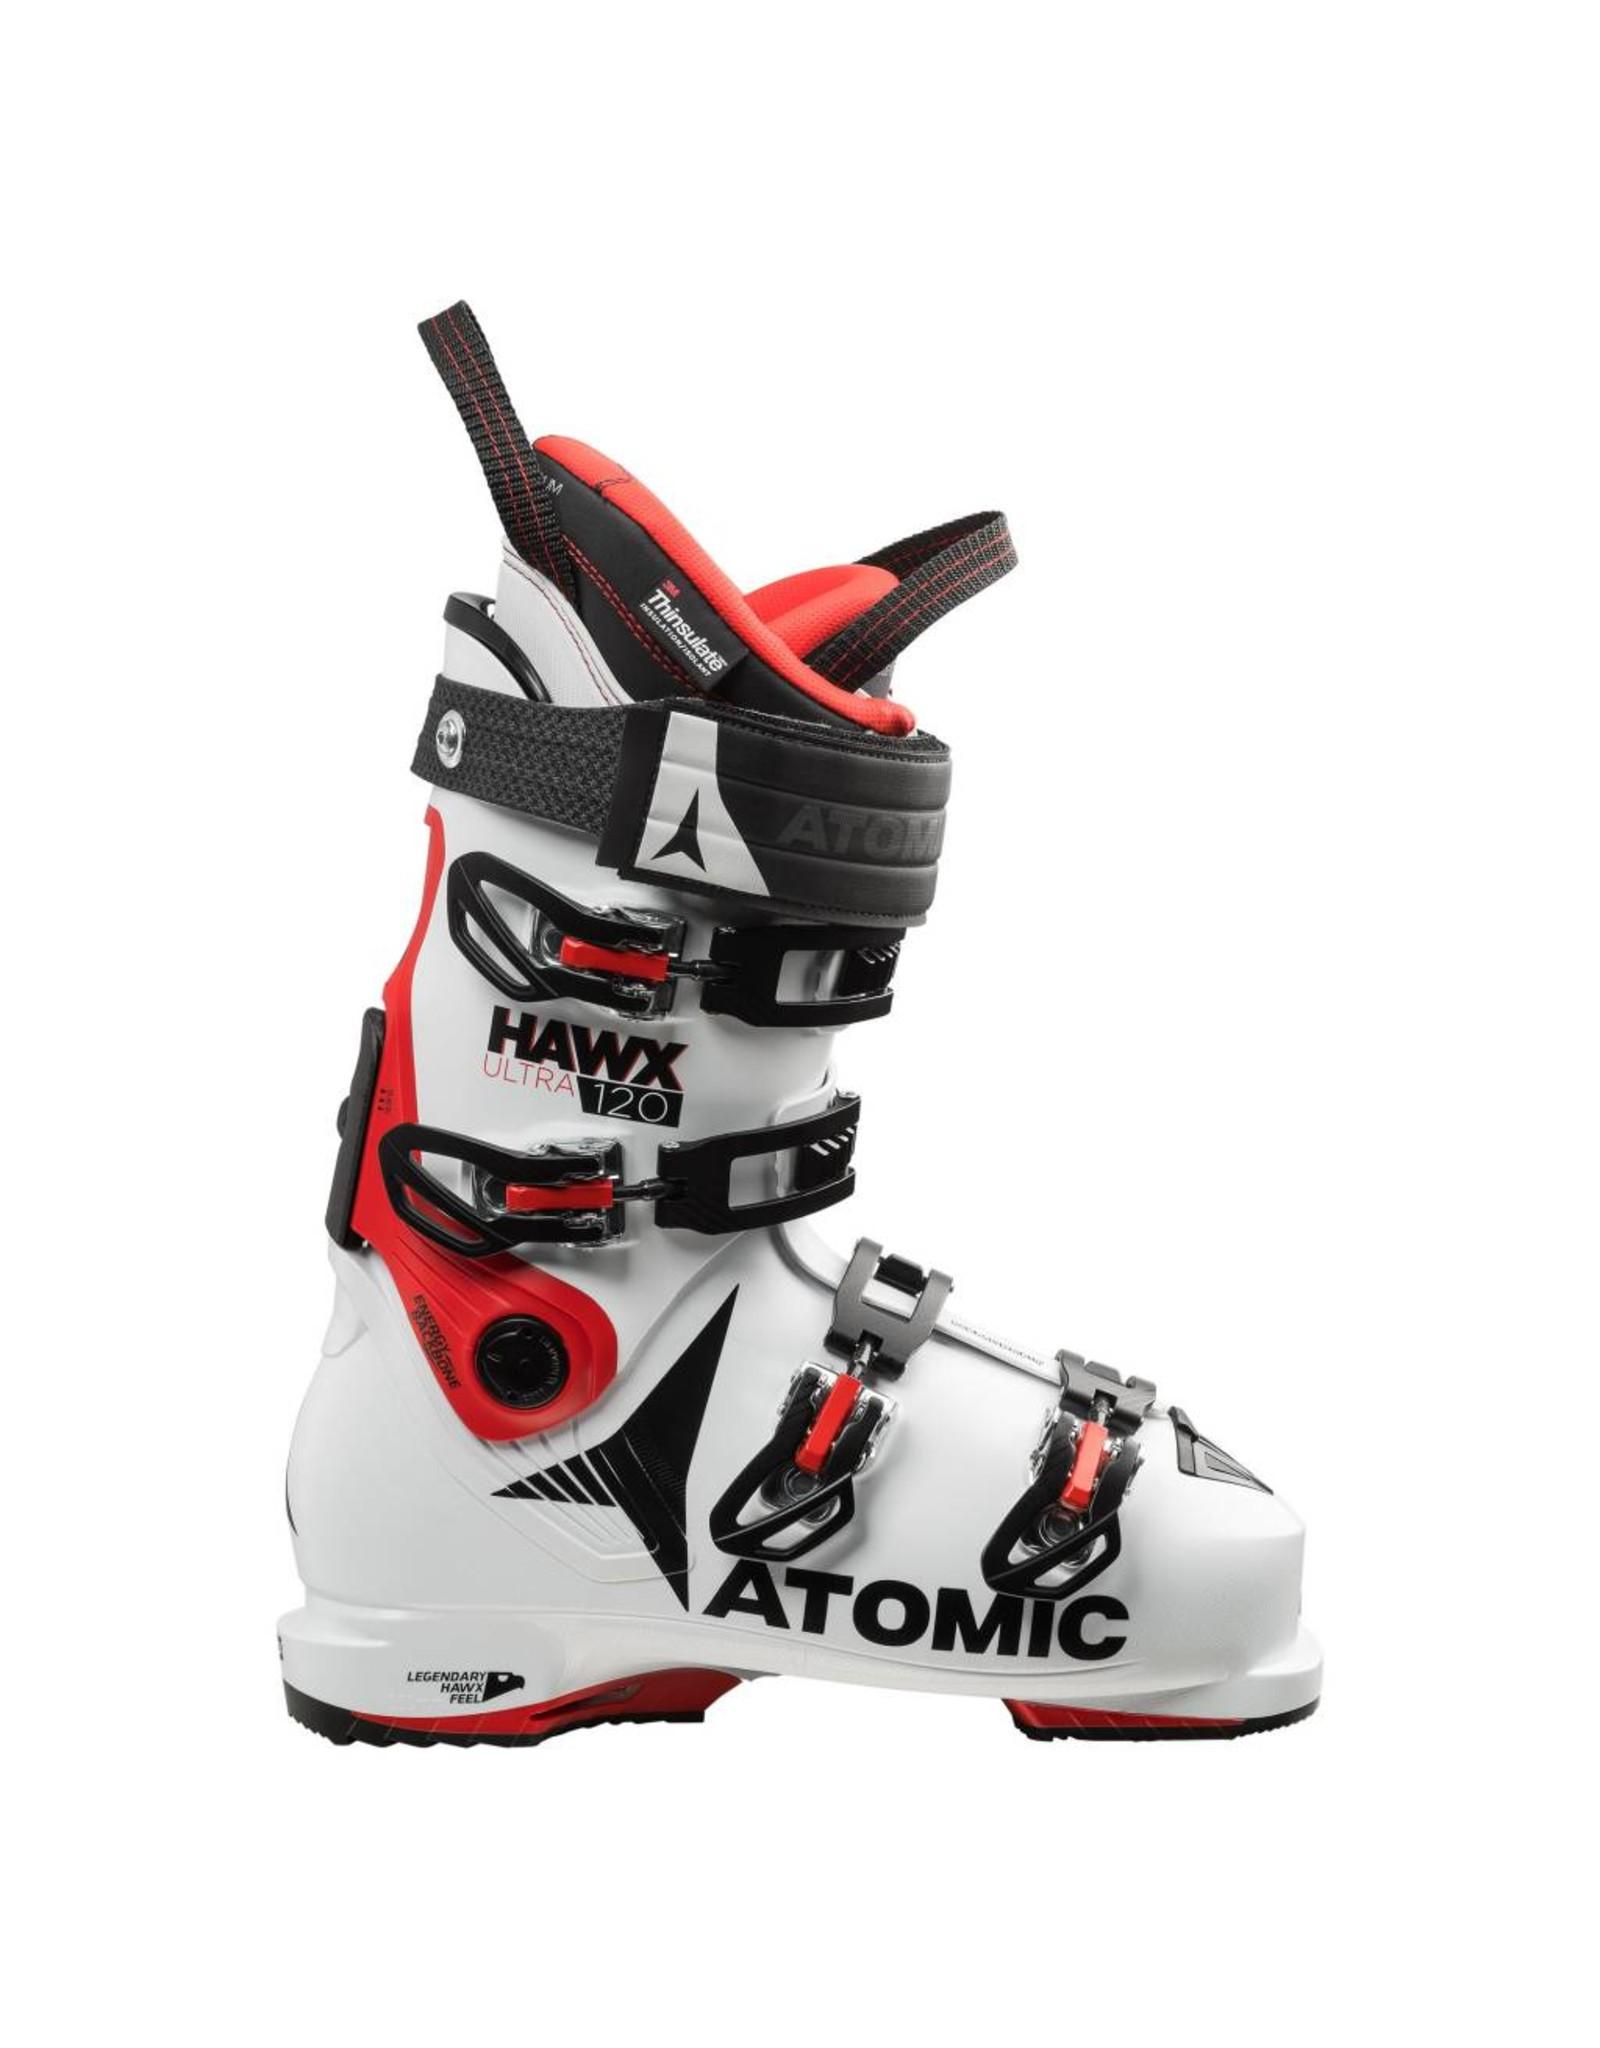 Atomic Atomic M Hawx Ultra 120 F17